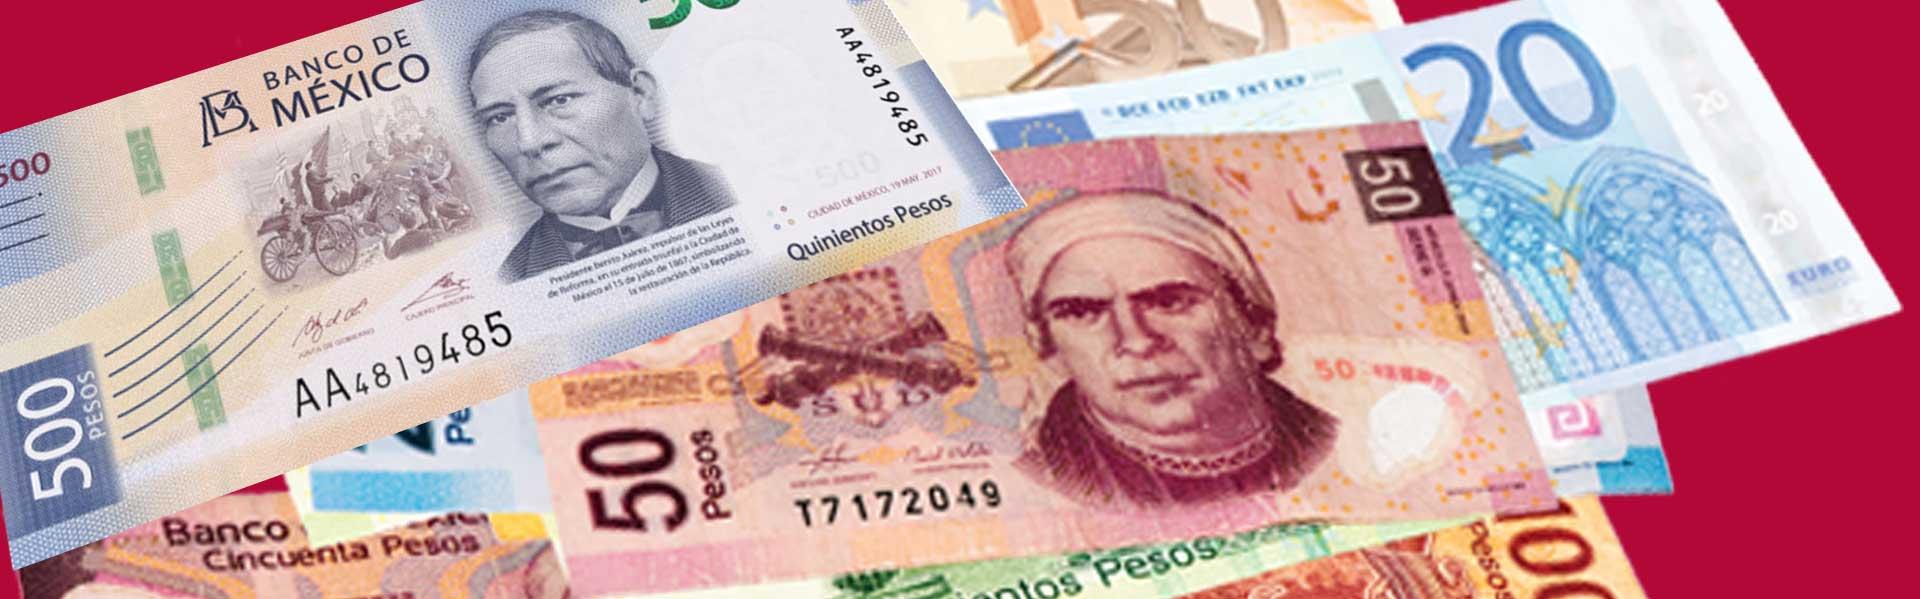 Cambio de divisas del IBC Bank